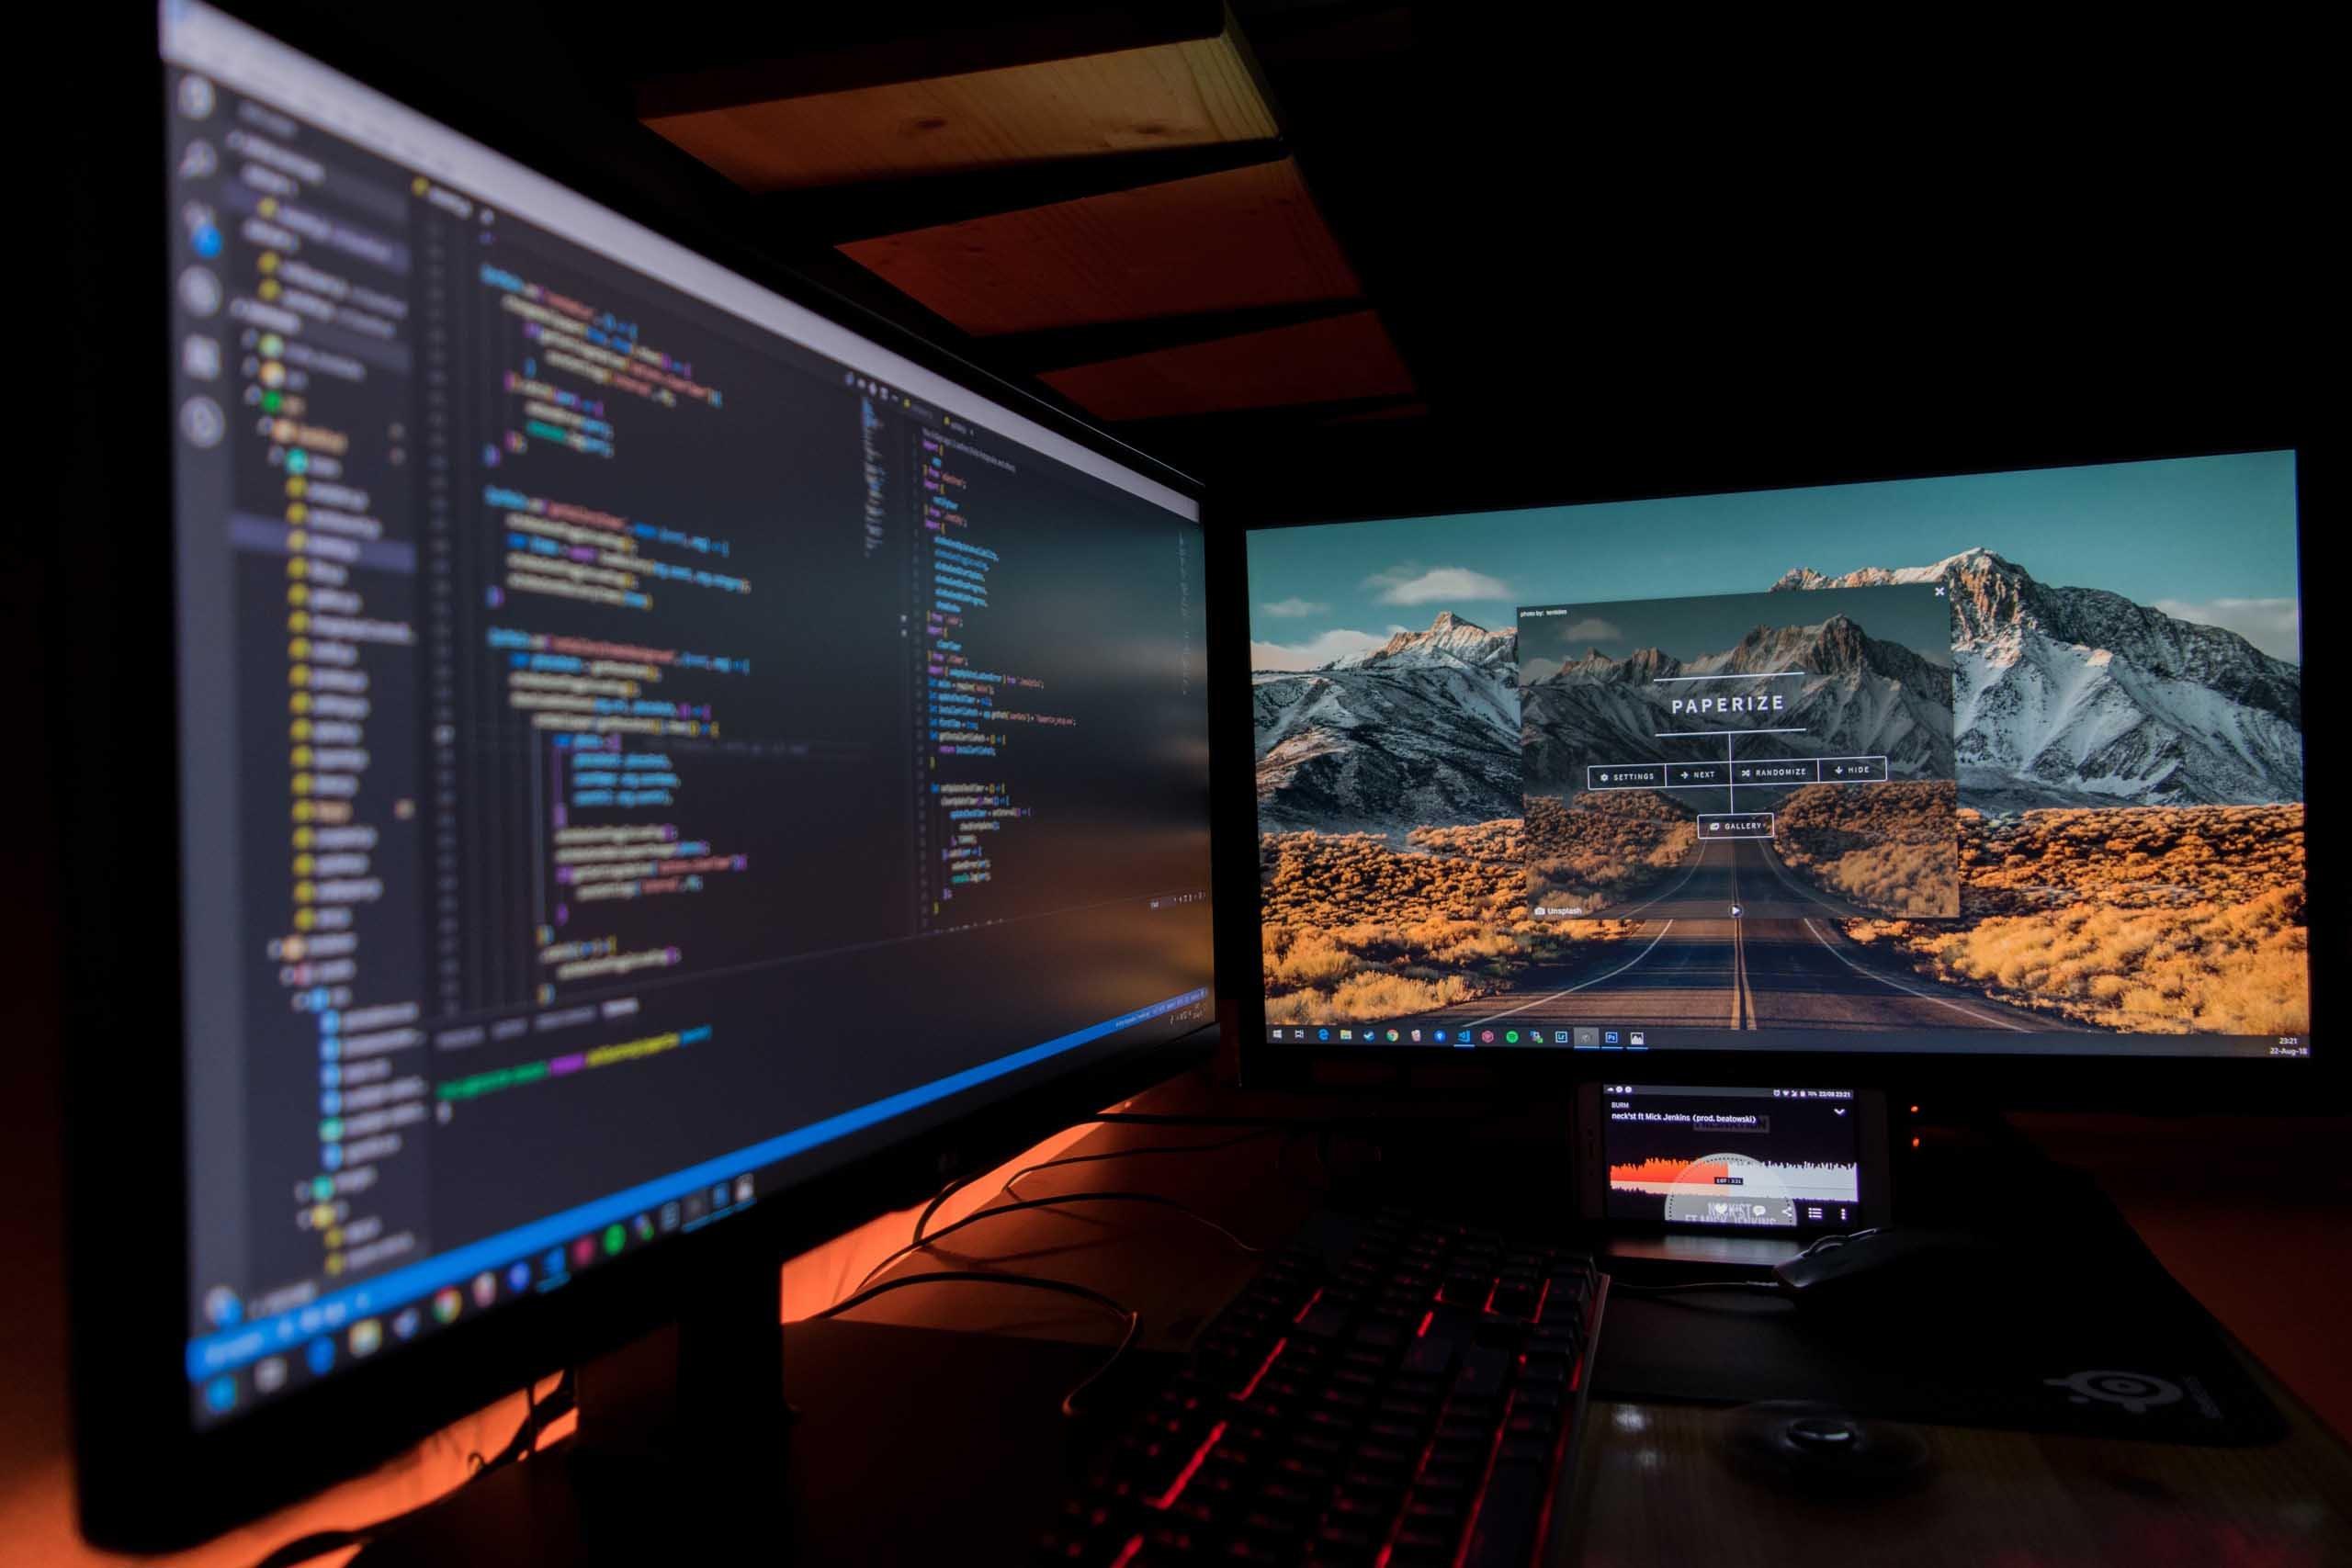 Digitalizzazione aziendale: definizione e vantaggi